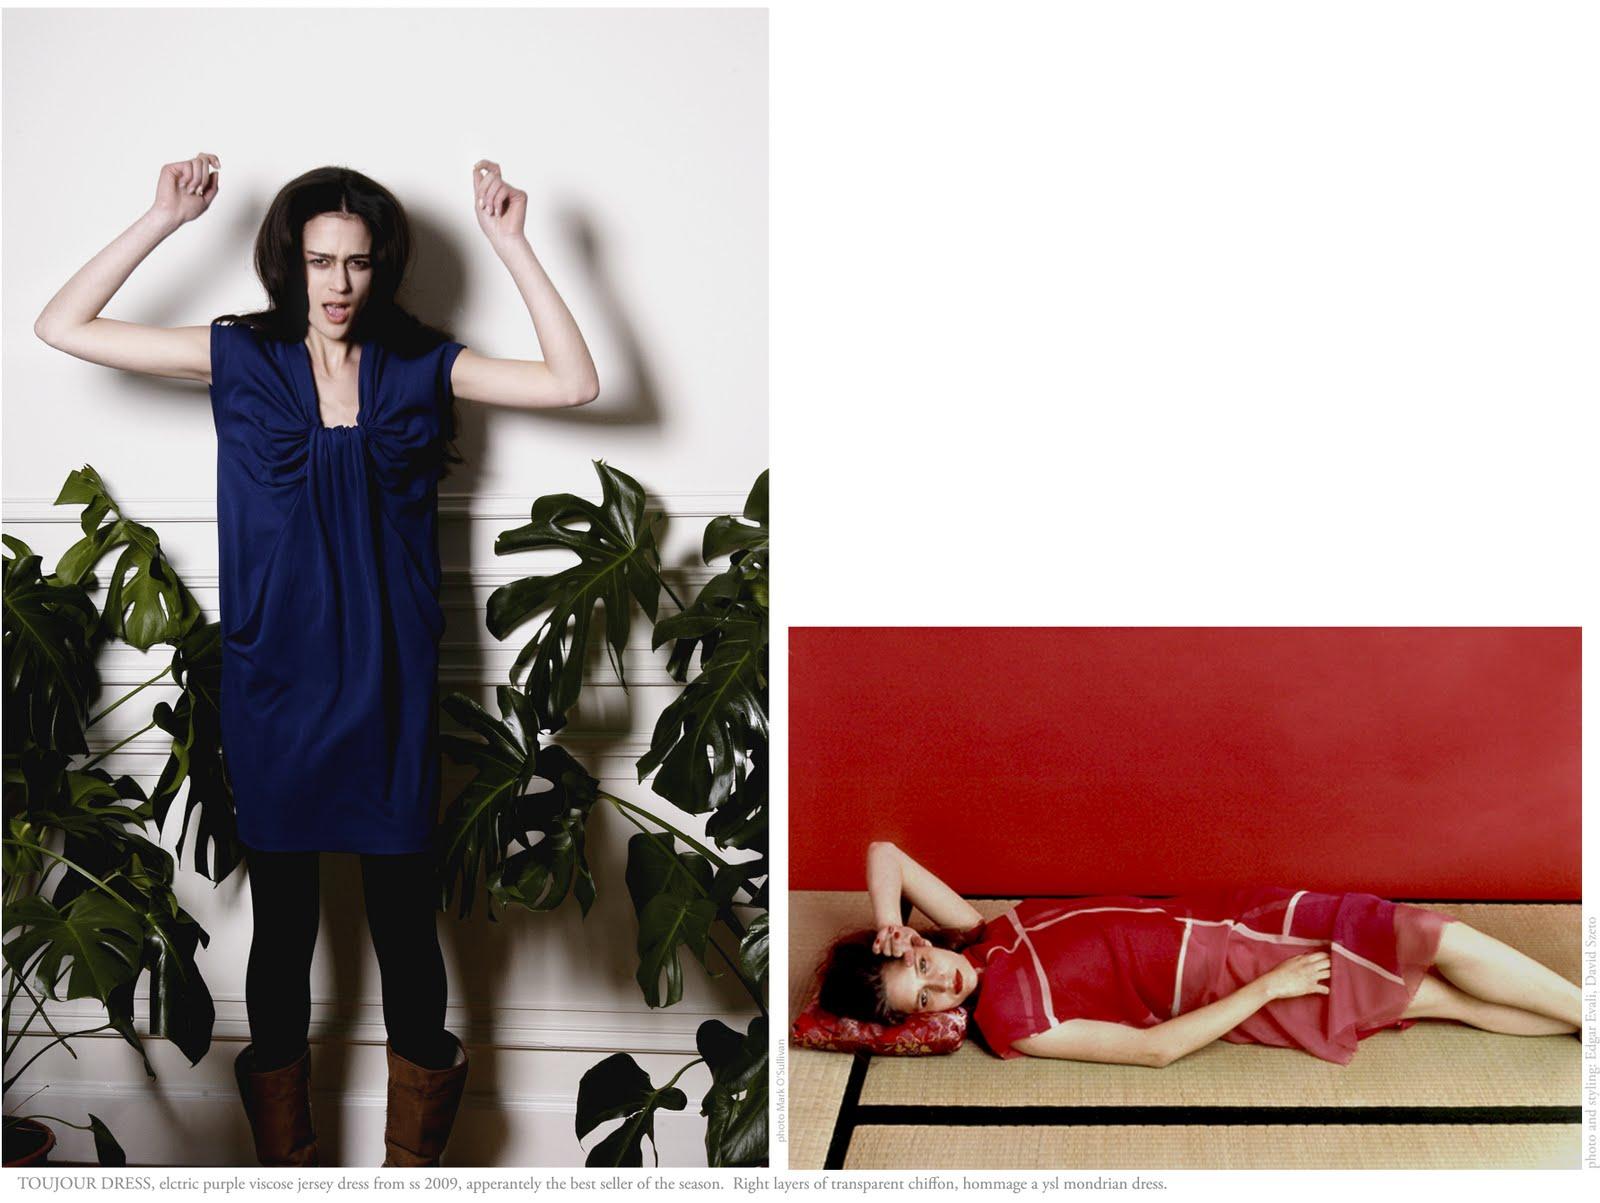 [pg+13+toujour+dr+et+japanese+dress++]